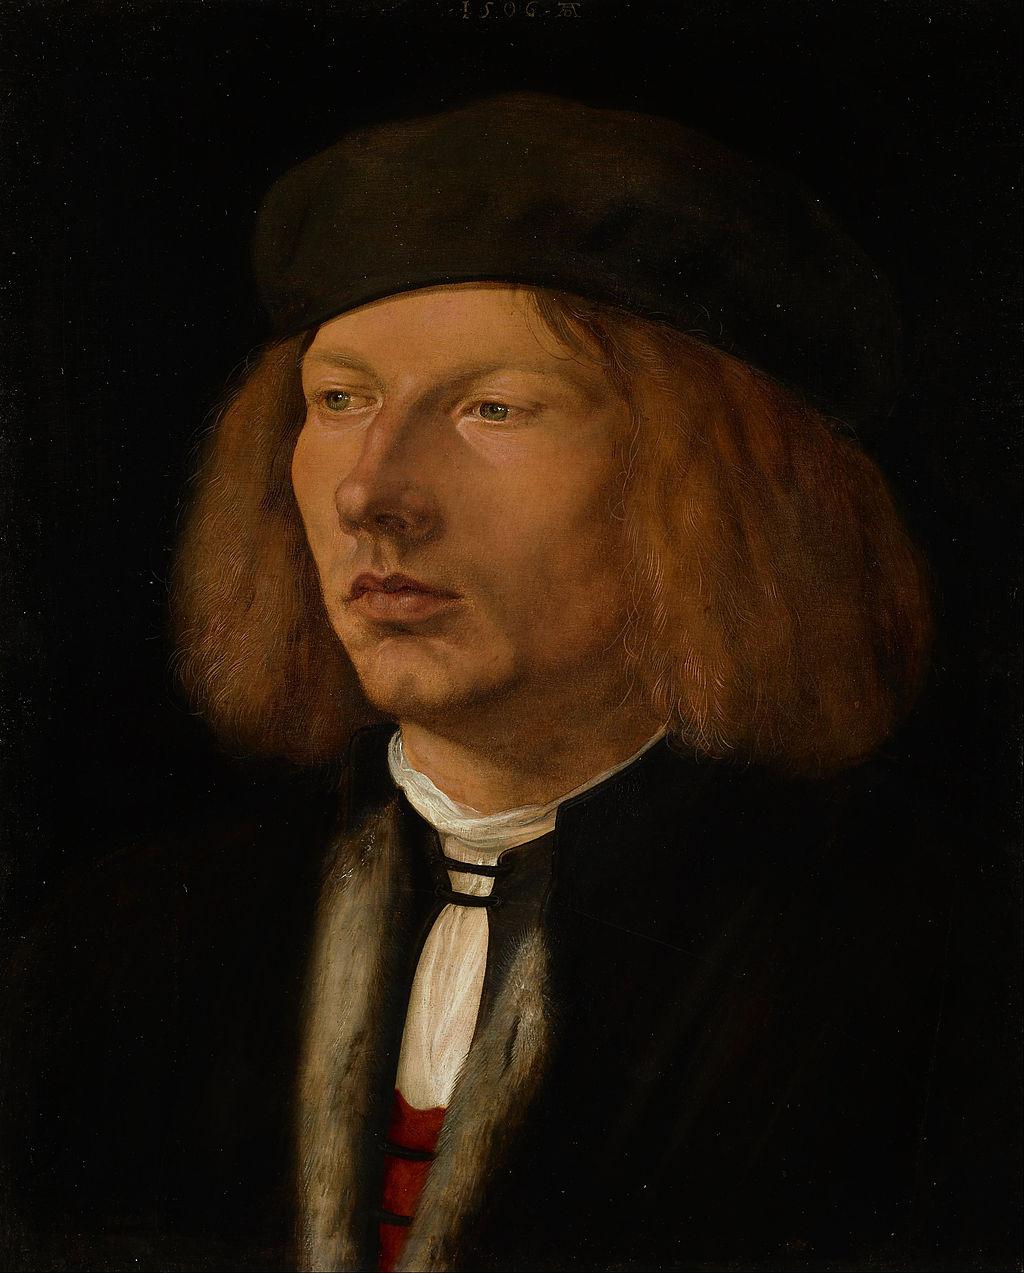 Альбрехт Дюрер. Портрет Буркхарда Шпеера. 1506